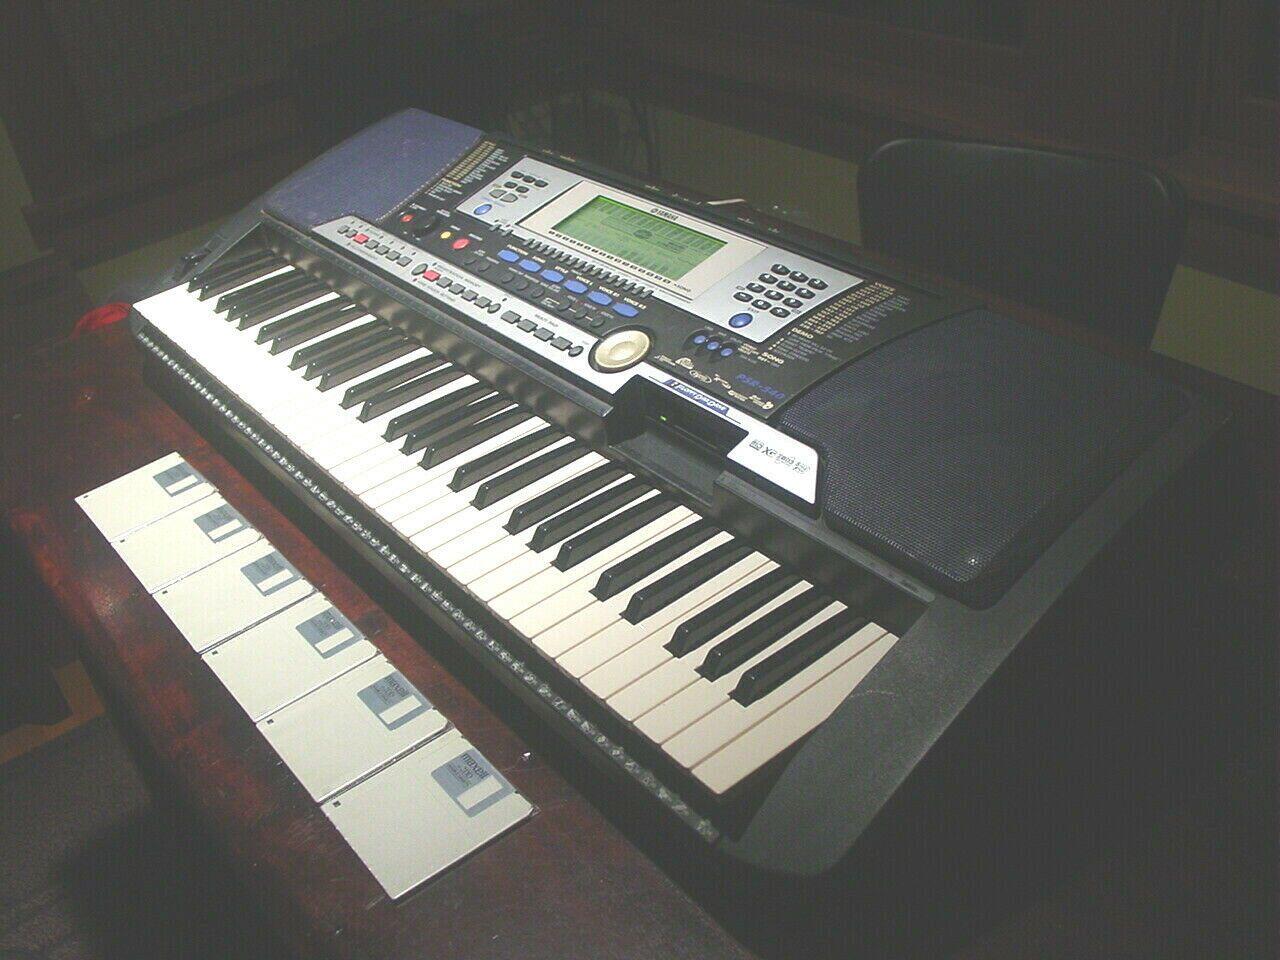 Yamaha Psr 540 Piano Keyboard Fdd Floppy Drive Midi Arrangment Power Supply Piano Piano Pianodecor Yamaha Keyboard Yamaha Keyboard Psr Mini Keyboard Piano